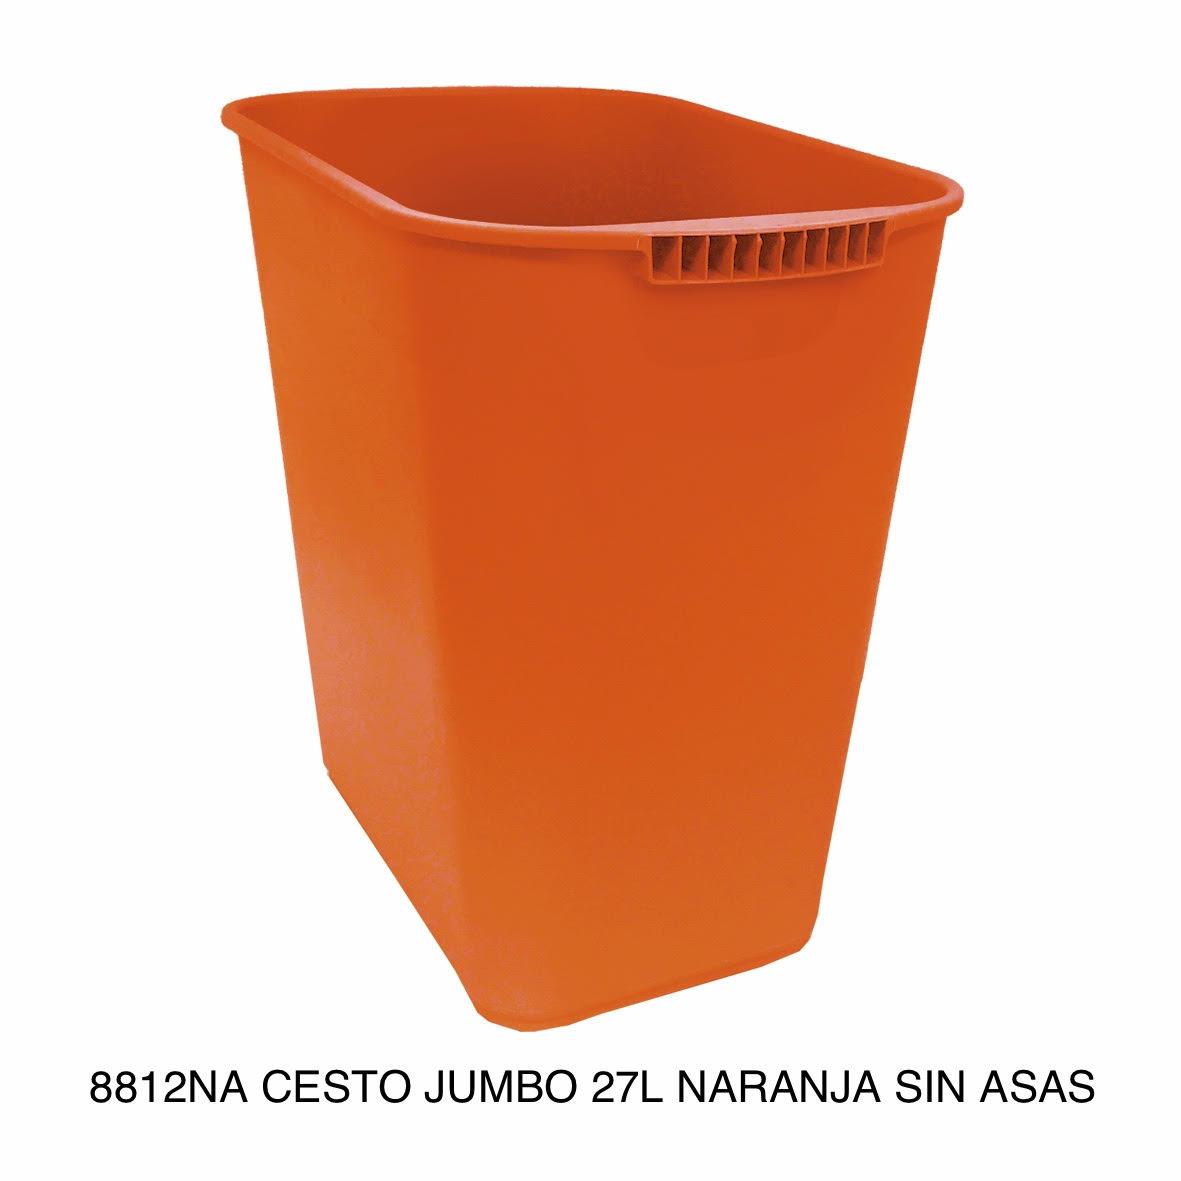 Bote de basura jumbo modelo 8812NA color naranja sin asas de Sablón